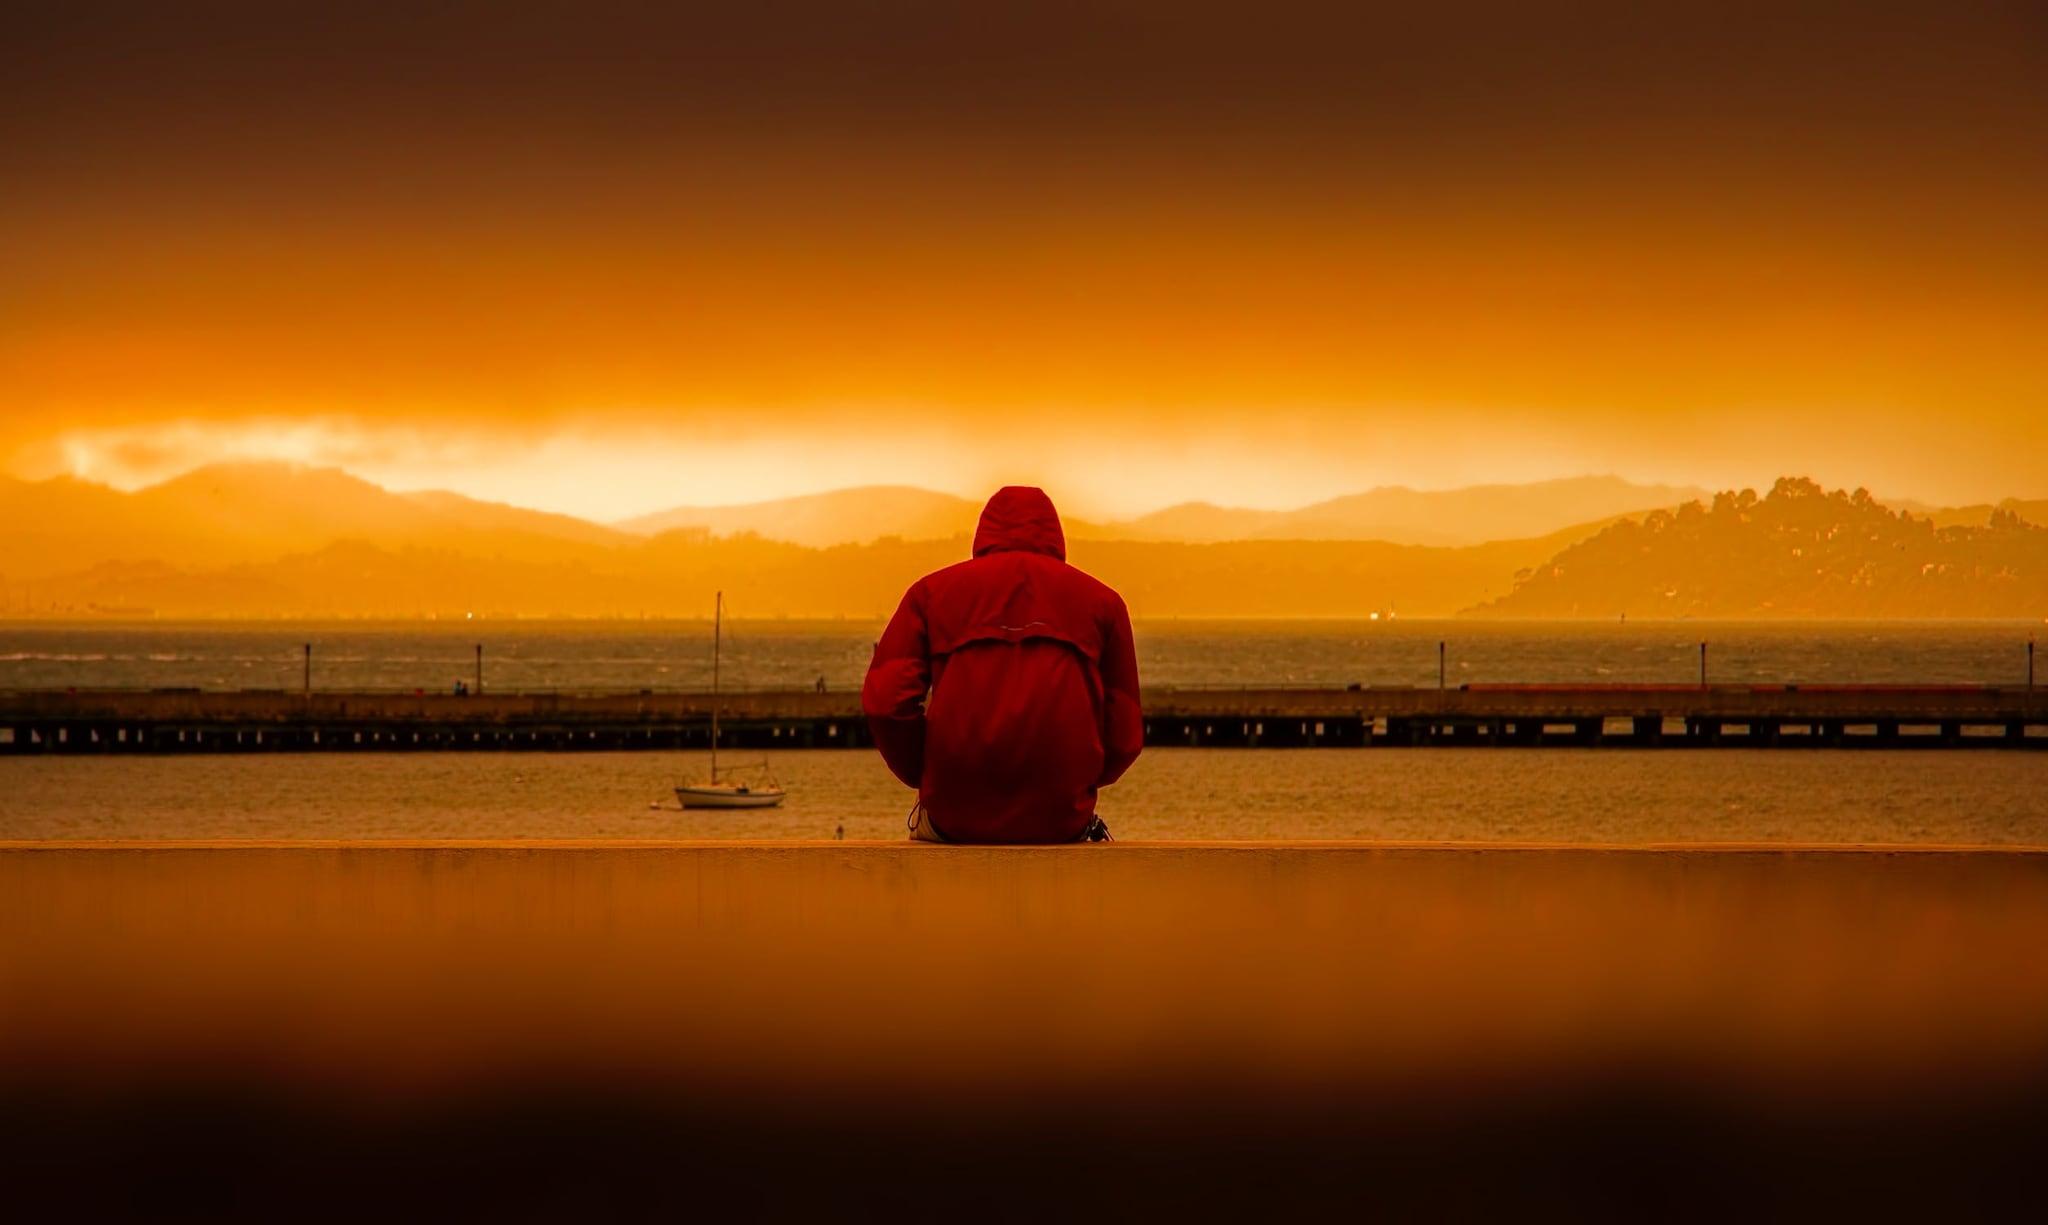 तसेच अशा लोकांमध्ये नैराश्याचा धोका सर्वाधिक असतो. नैराश्यग्रस्त लोकांना एकट राहायला आवडतं. त्यांना इतरांसोबत मिसळायला आवडत नाही.